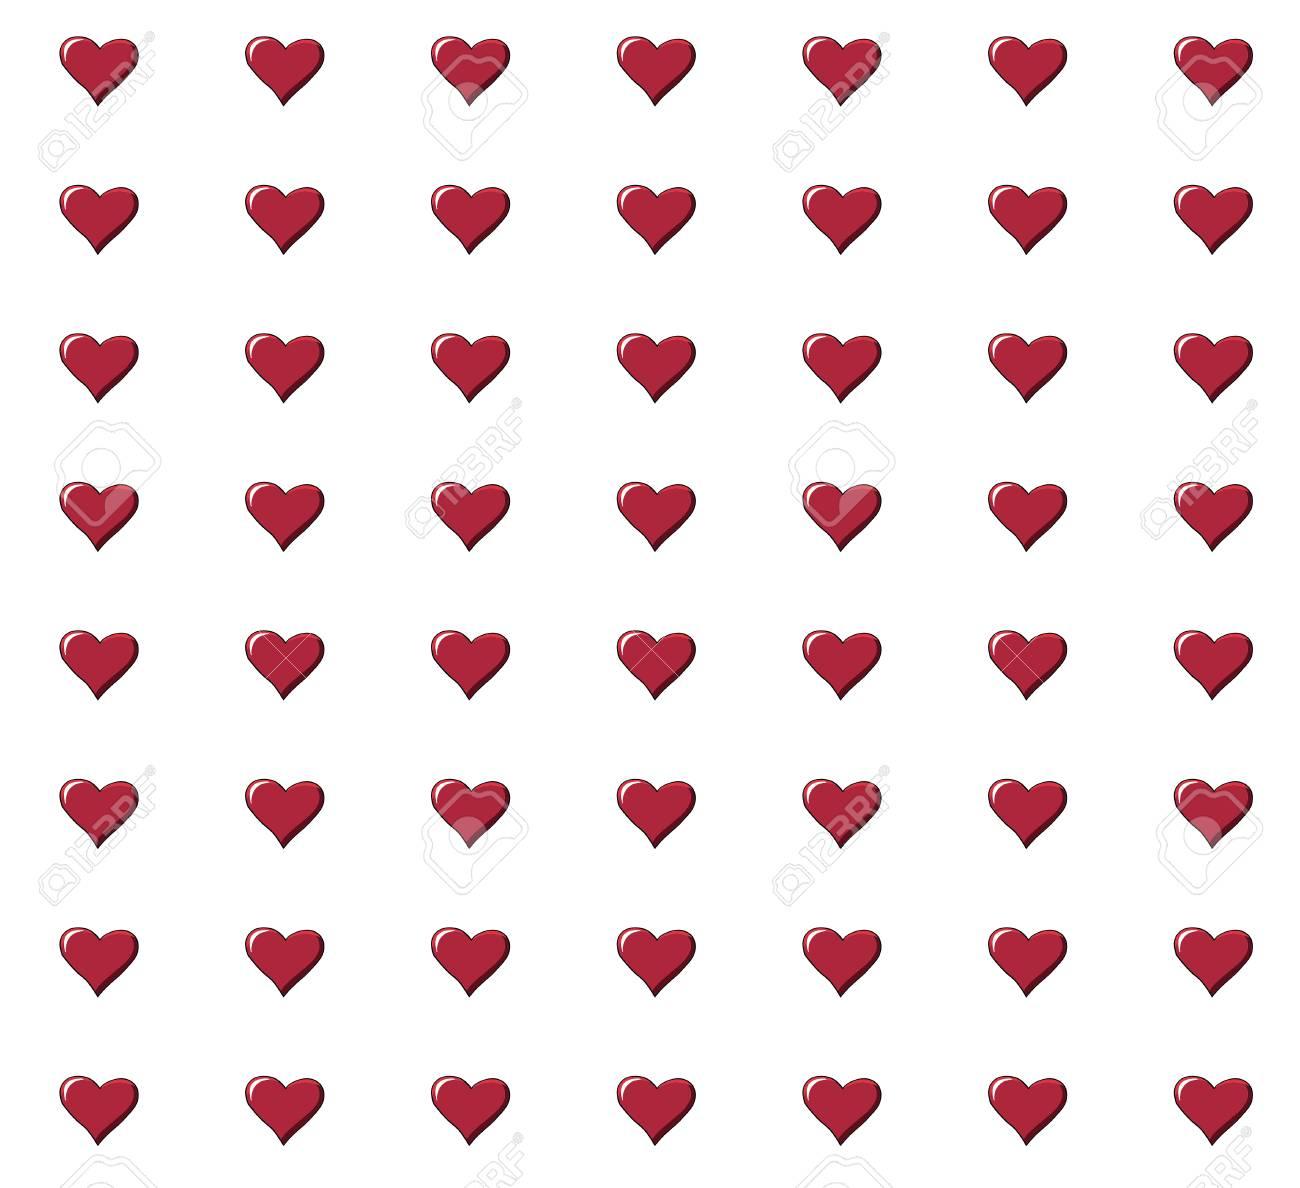 La carta da parati con rose e con cuori sono alcune fra le opzioni che vi faranno battere il cuore. Vettoriale Modello Senza Cuciture Con Bei Cuori Rossi Puo Essere Utilizzato Per Carta Da Parati Riempimenti A Motivo Biglietti Di Auguri Sfondi Di Pagine Web Carta Da Imballaggio O Tessuto Image 85309046